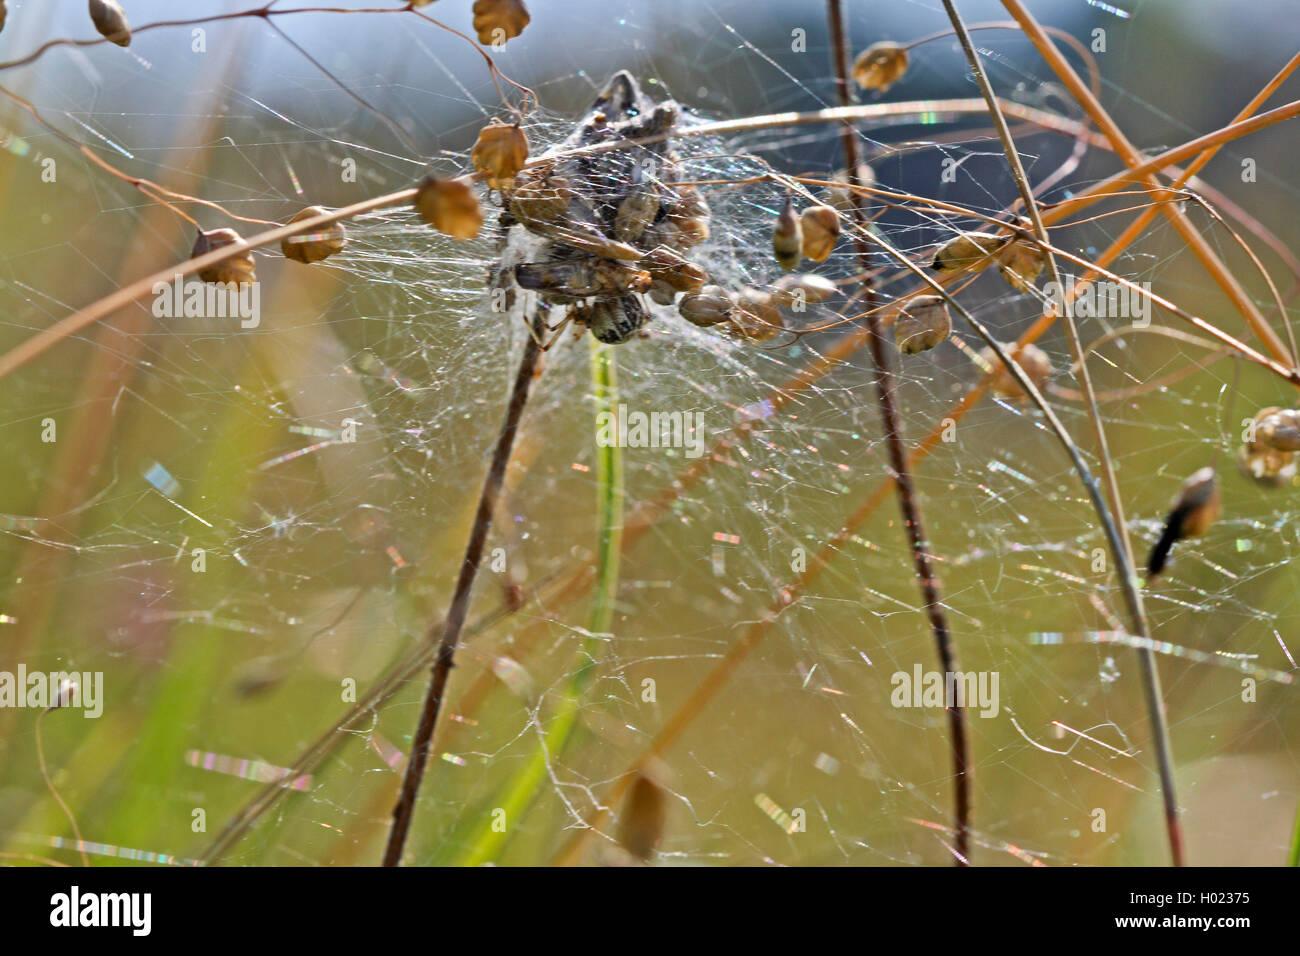 Braune Kugelspinne, Braunweisse Kugelspinne (Theridion impressum, Phylloneta impressa), Netz im Zittergras, Deutschland - Stock Image